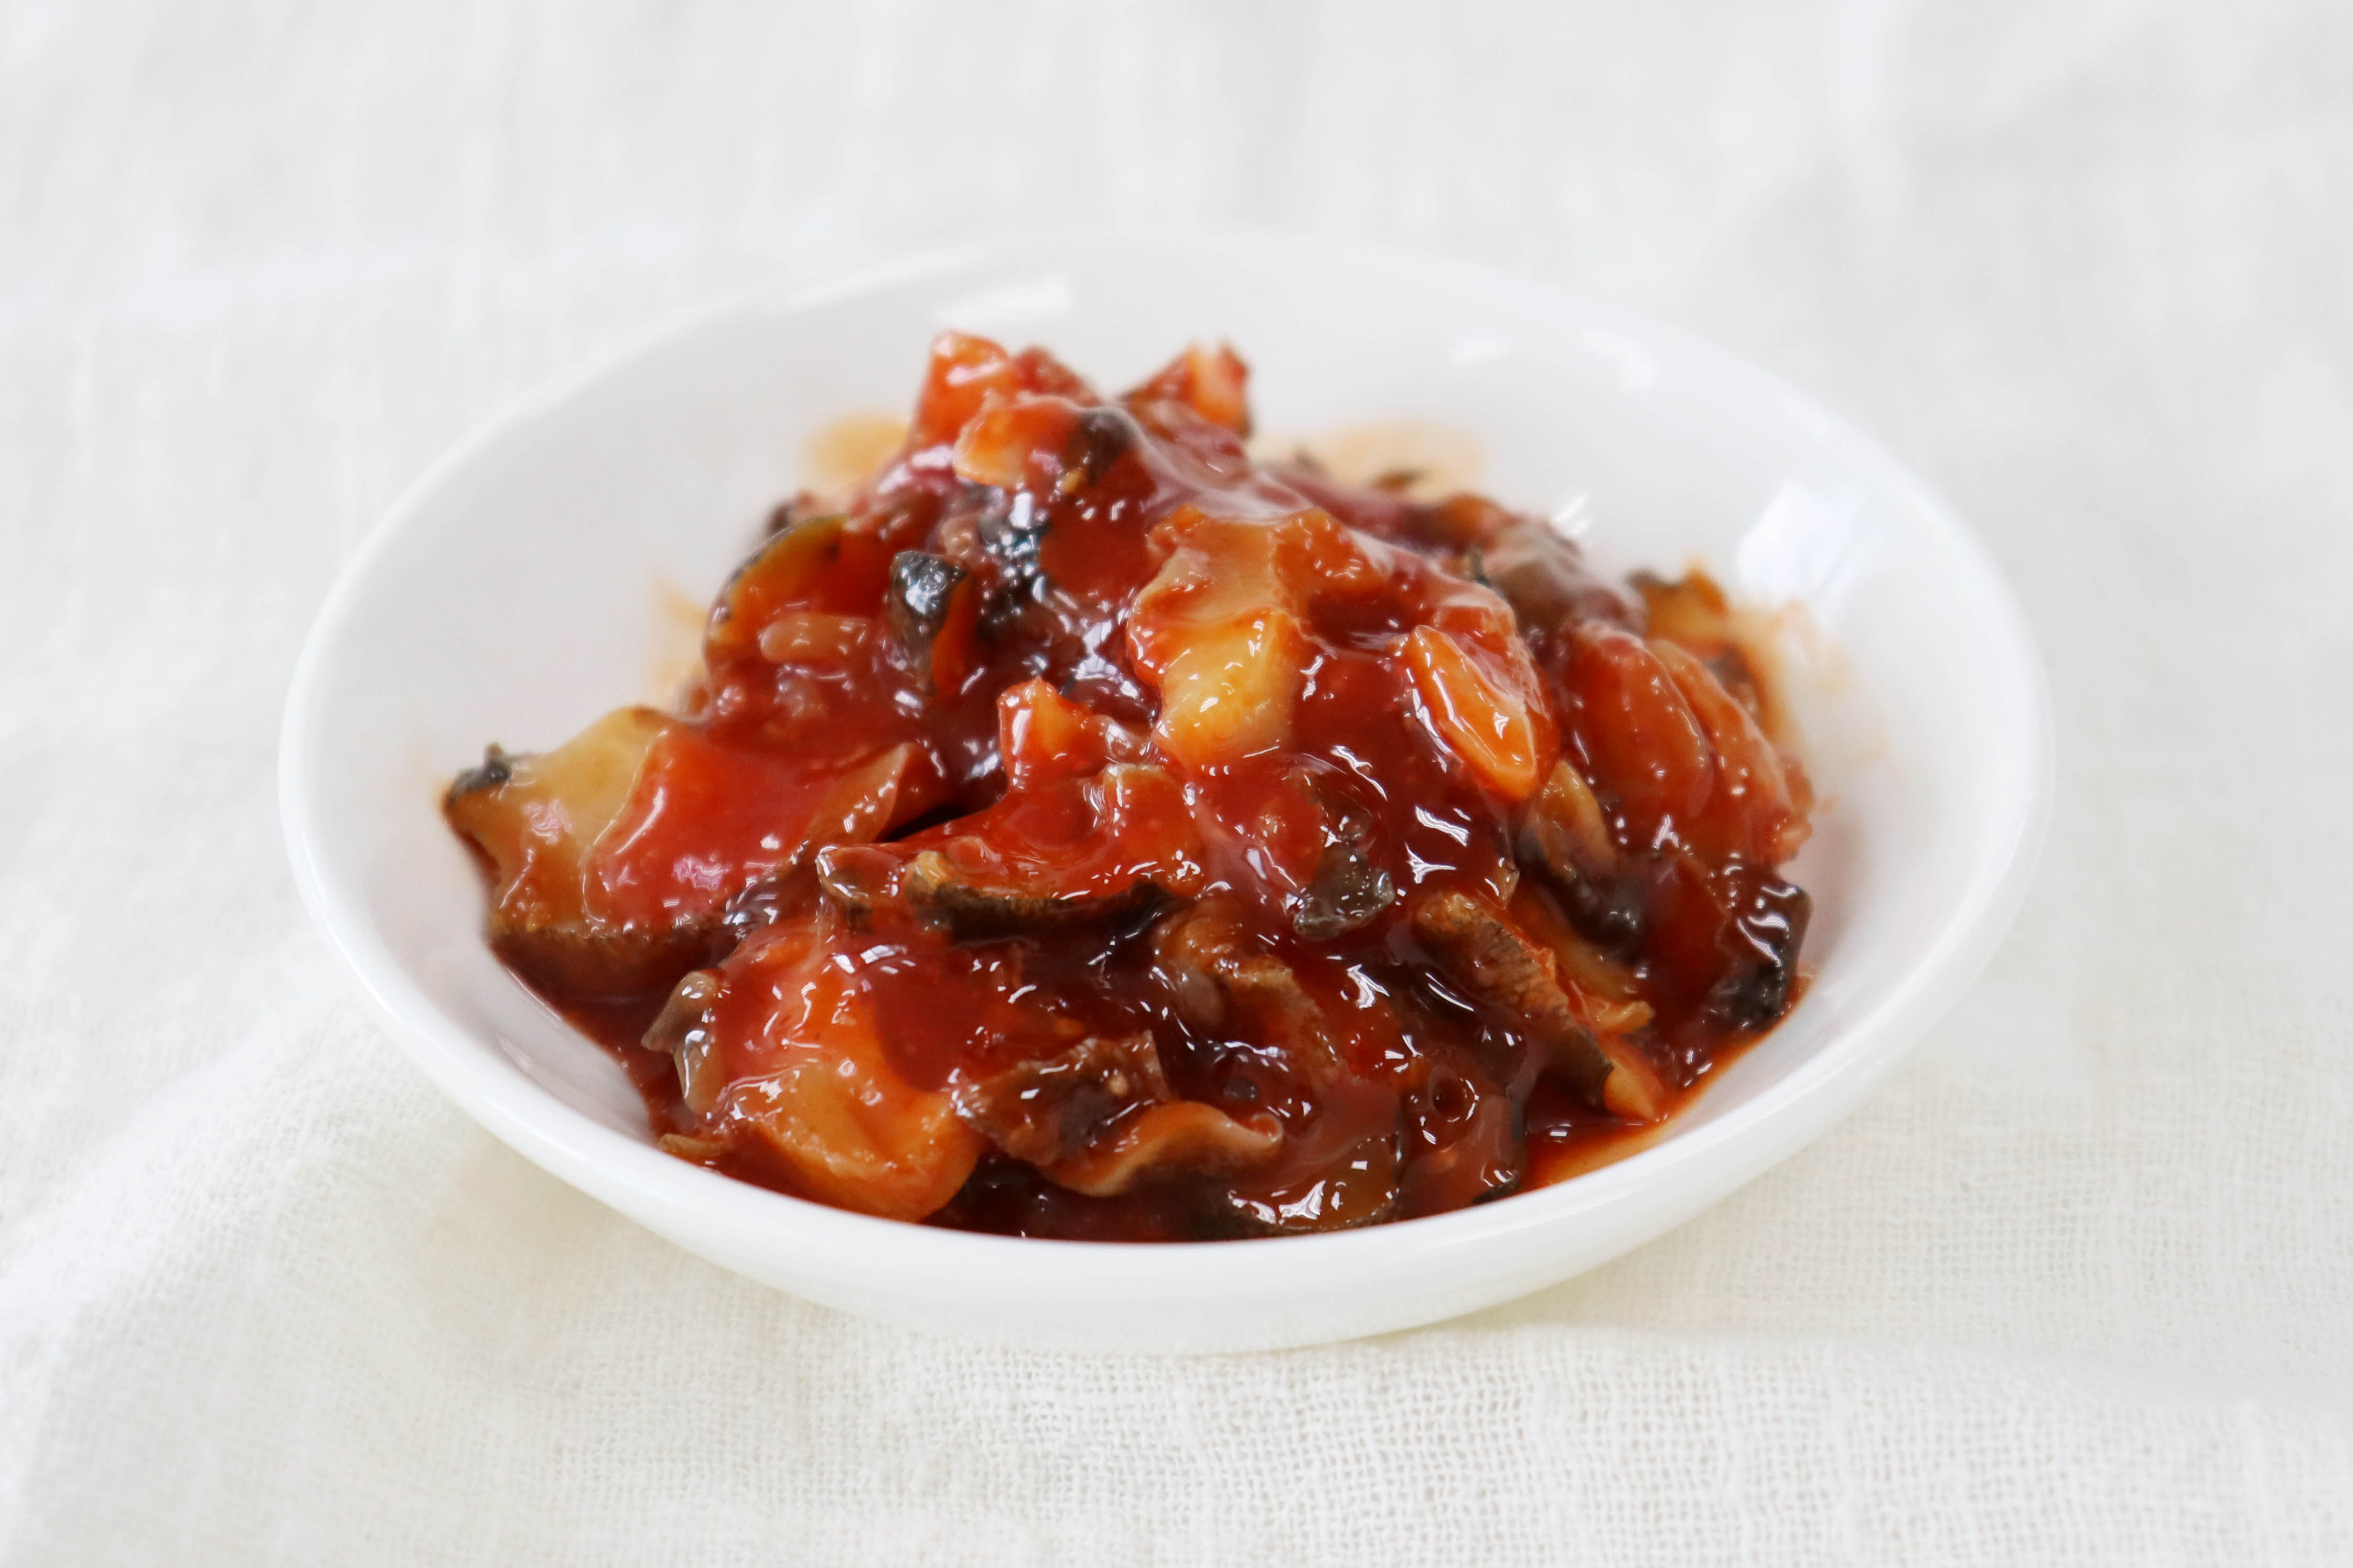 朝鲜风味海螺